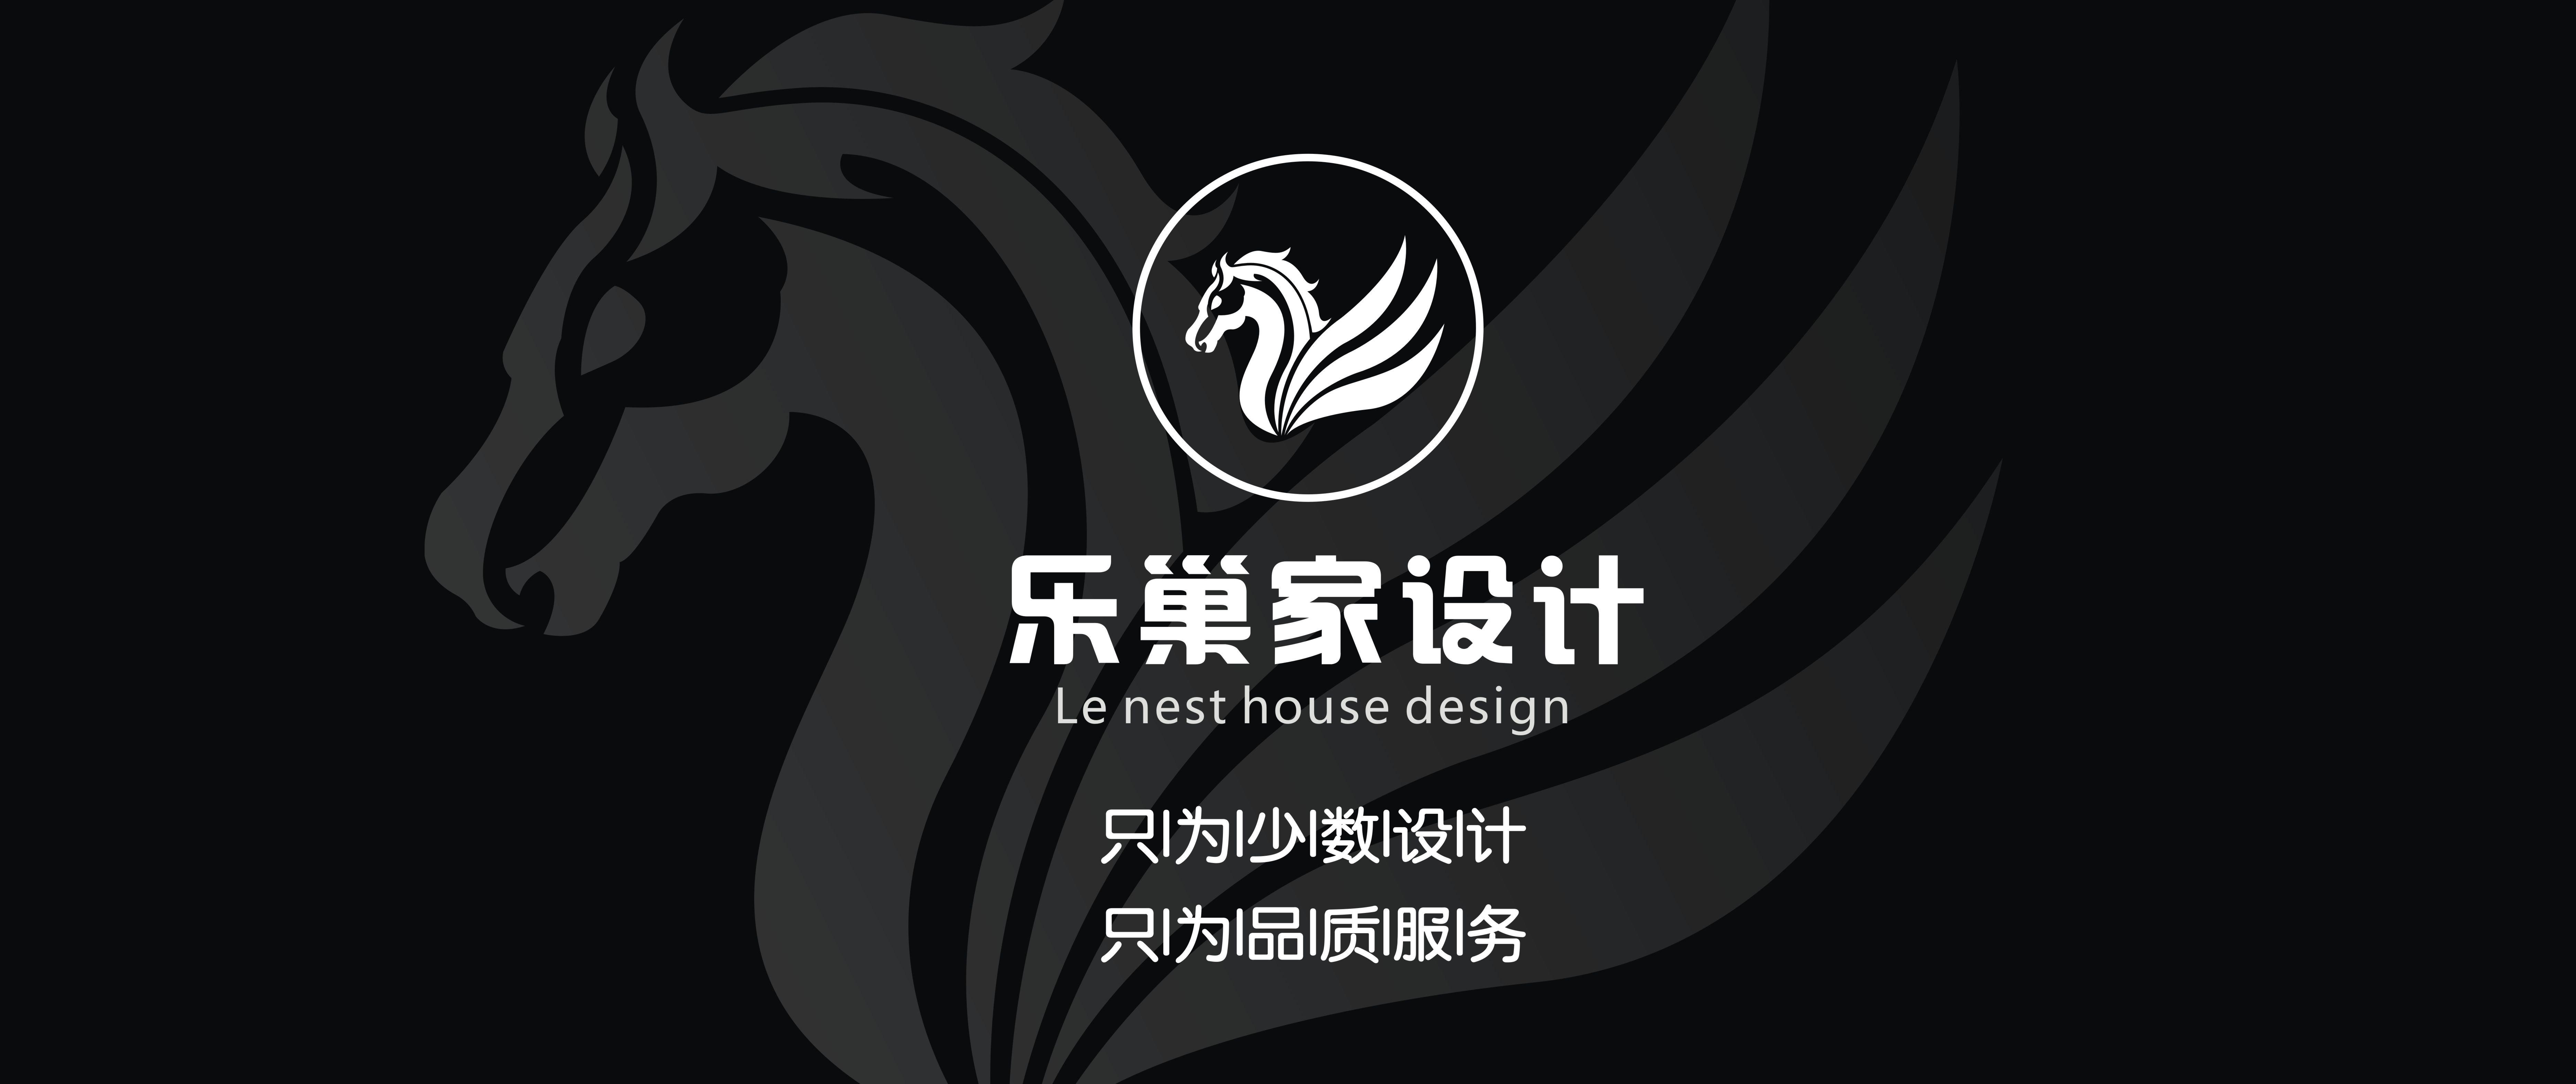 泸州市乐巢家装饰设计有限公司